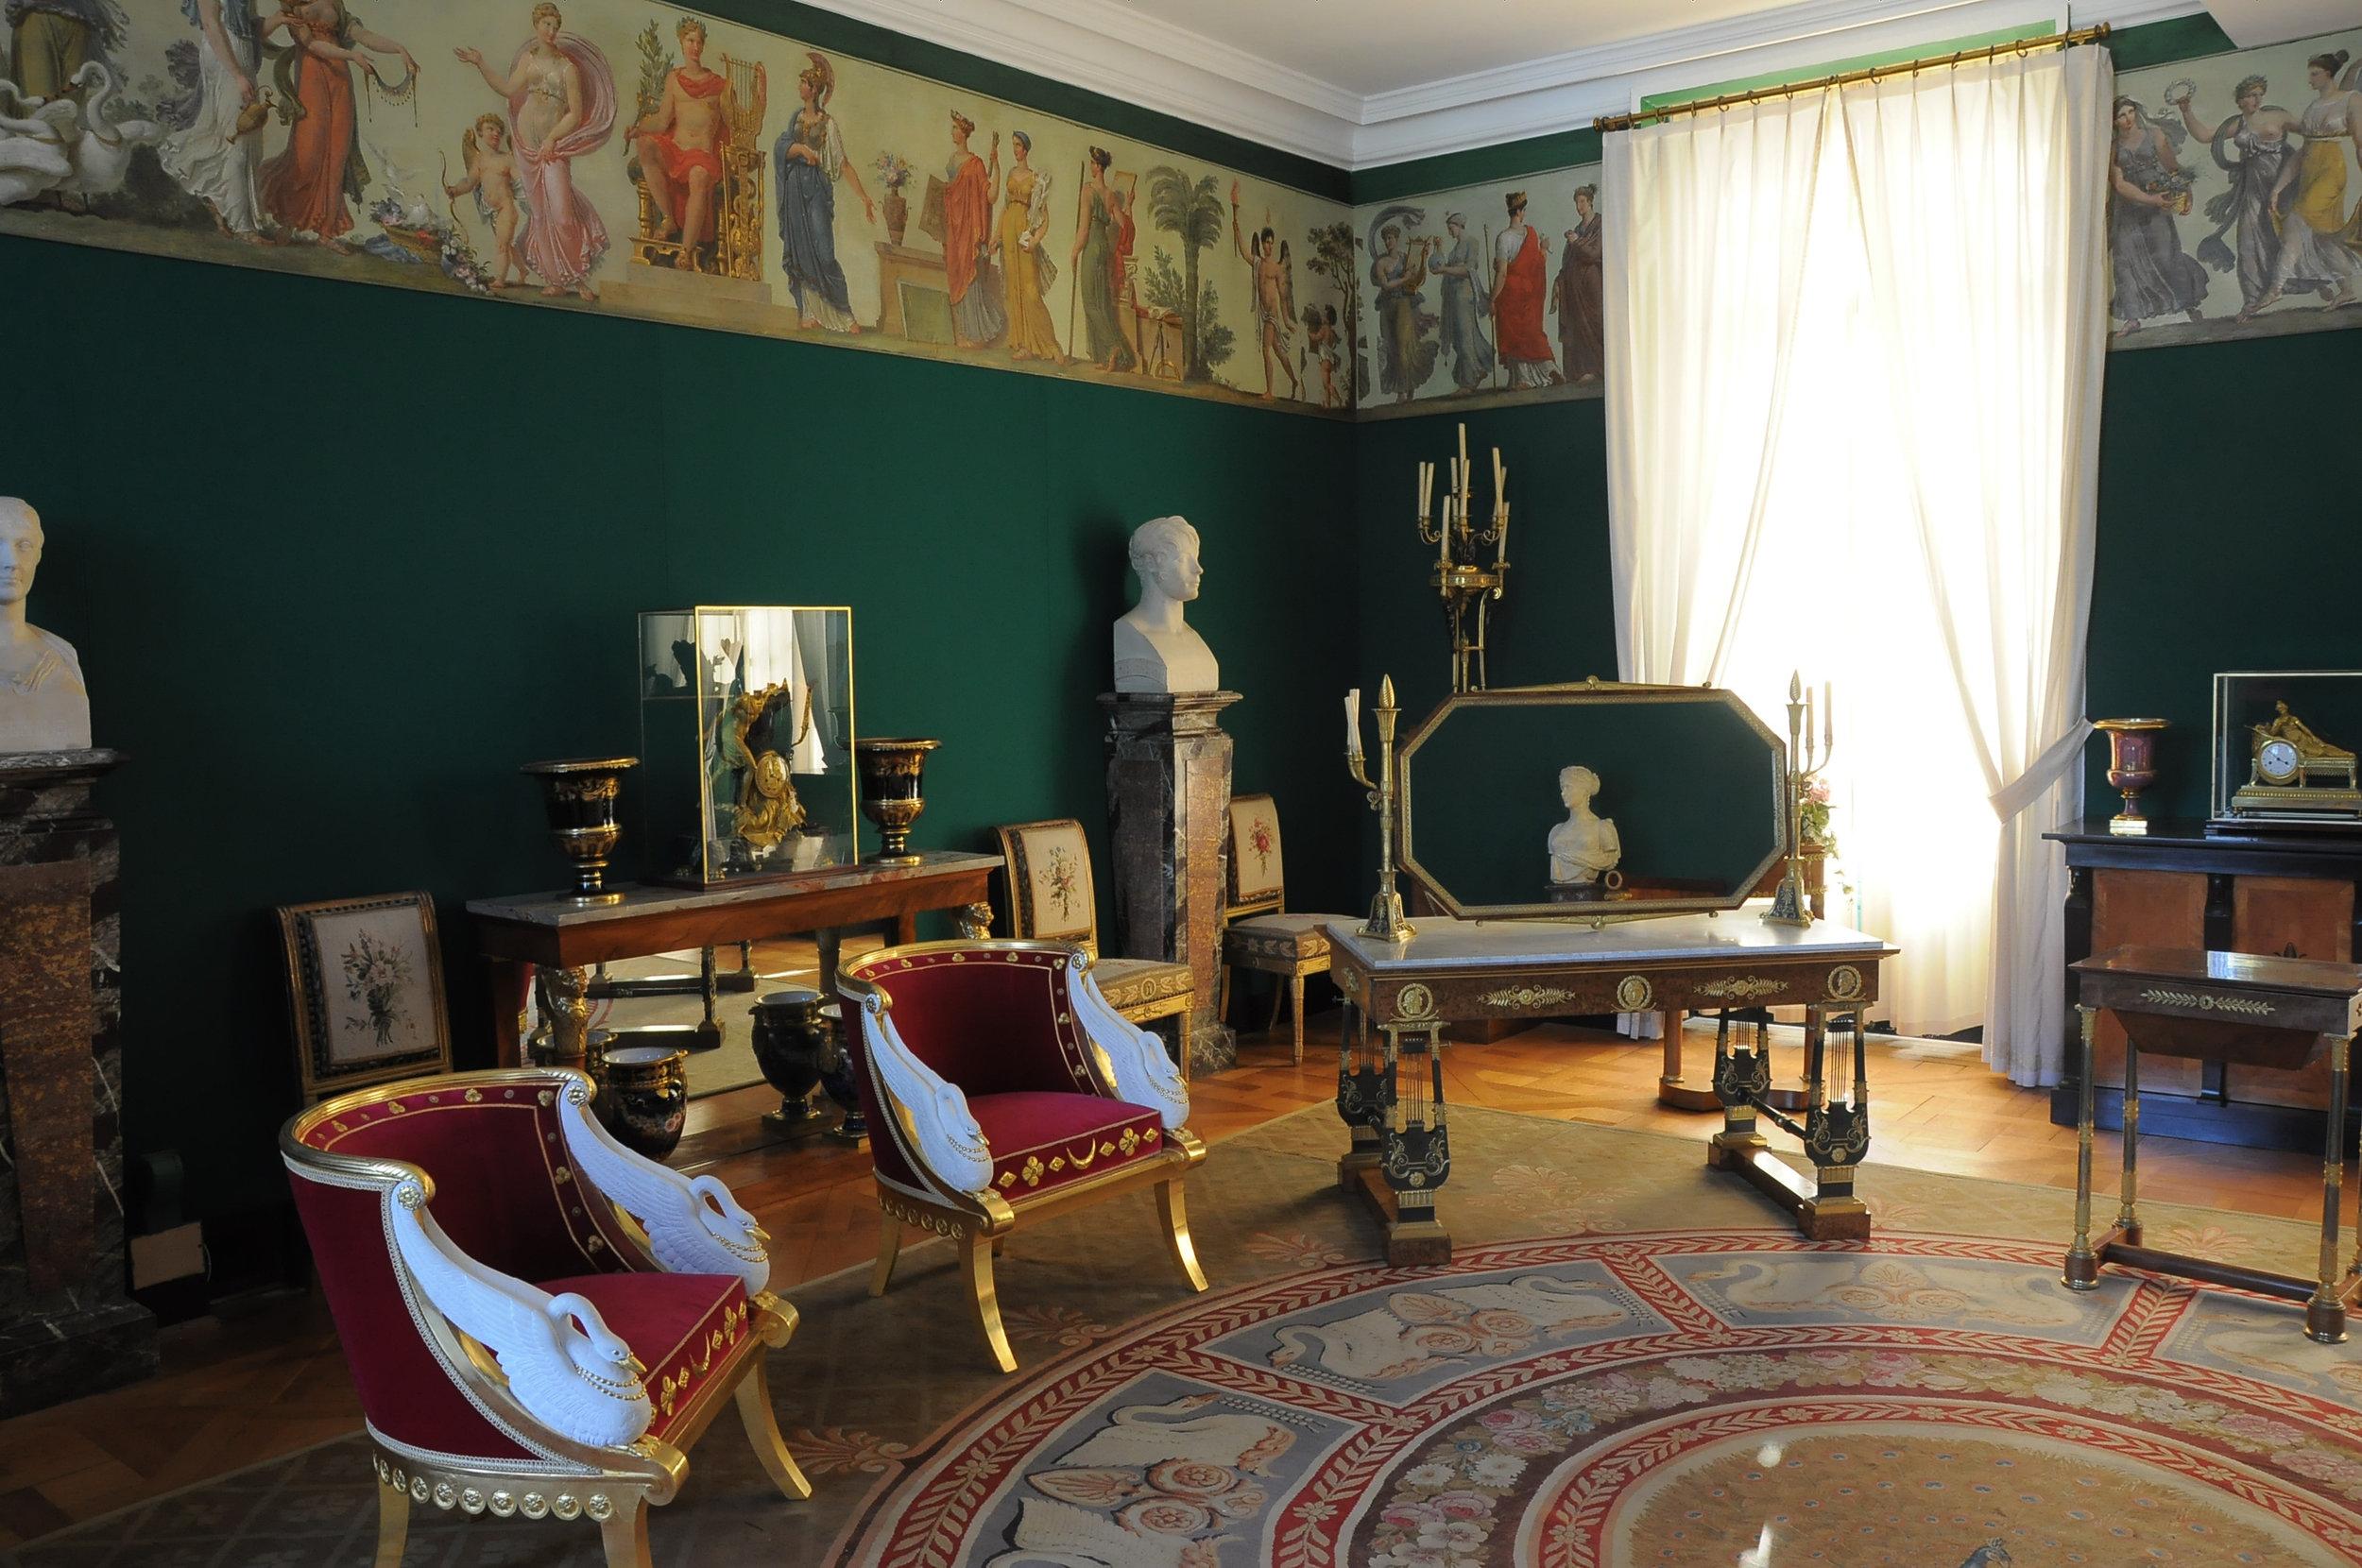 Chateau de Malmaison, Sitting Room of Empress Josephine Bonaparte in the Empire Style